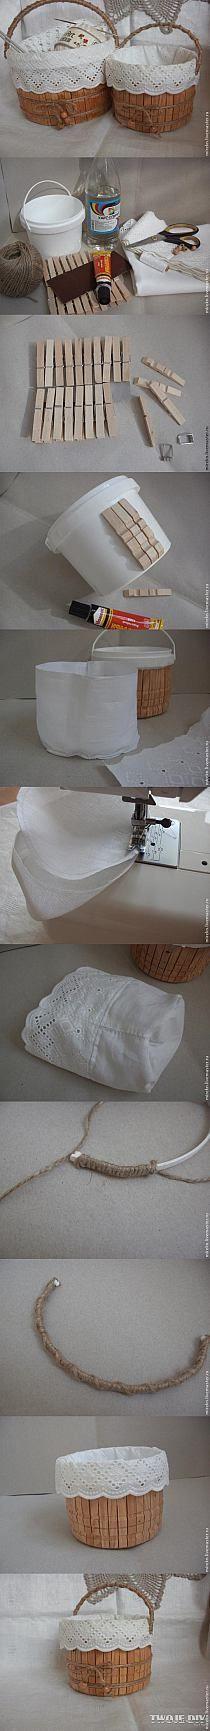 Súper.. Se puede usar para guardar muchísimas cosas cosas.. Ejemplo: los broches de la ropa! ;)